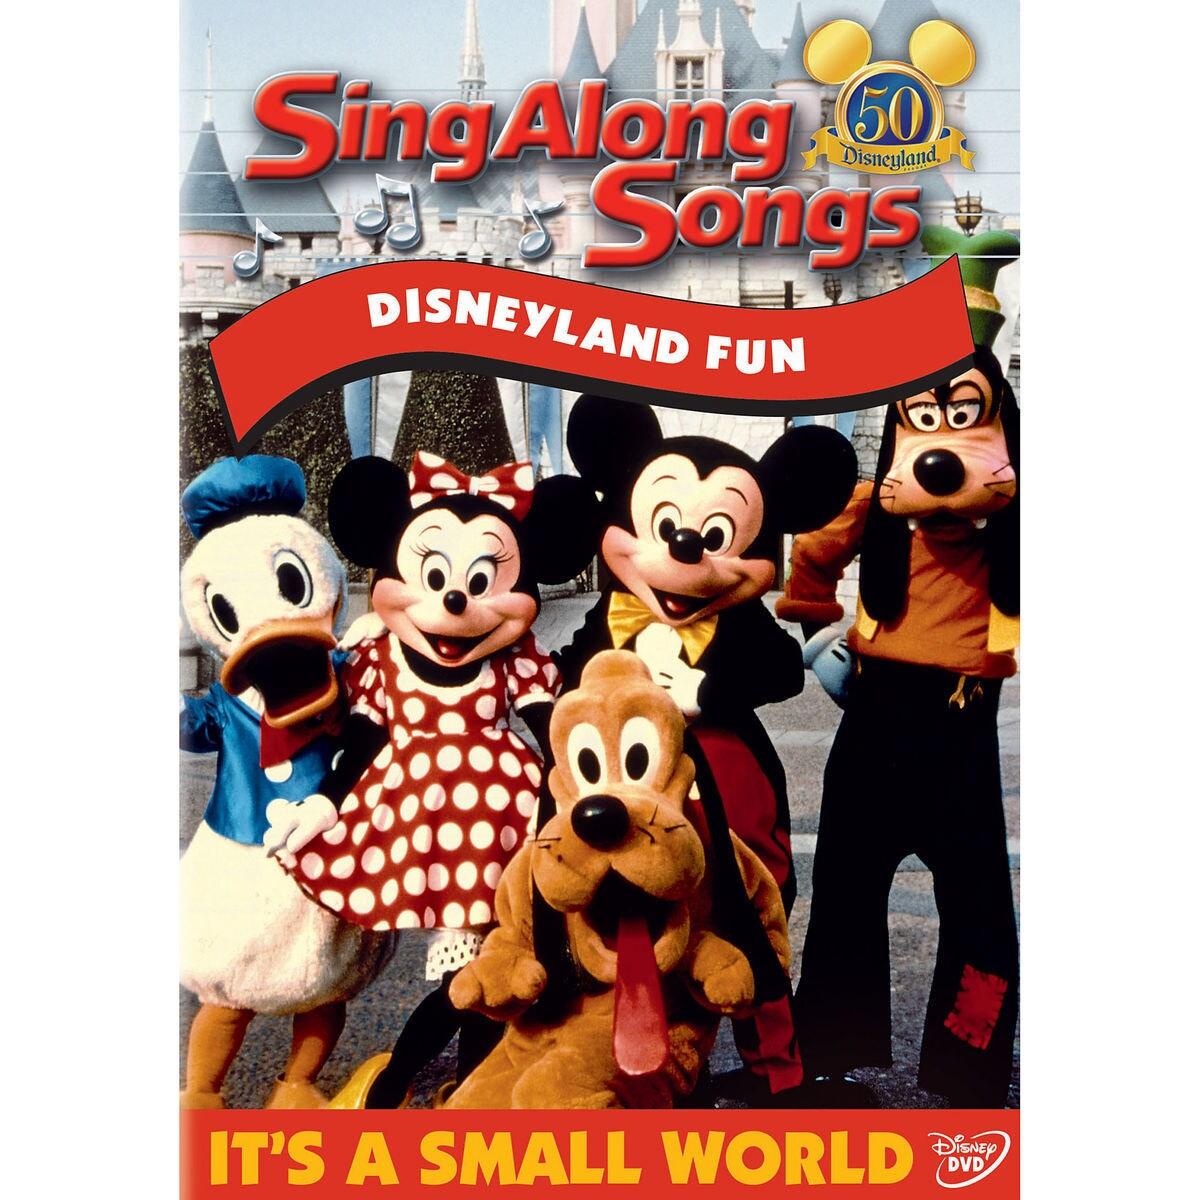 Sing Along Songs: Disneyland Fun DVD | shopDisney